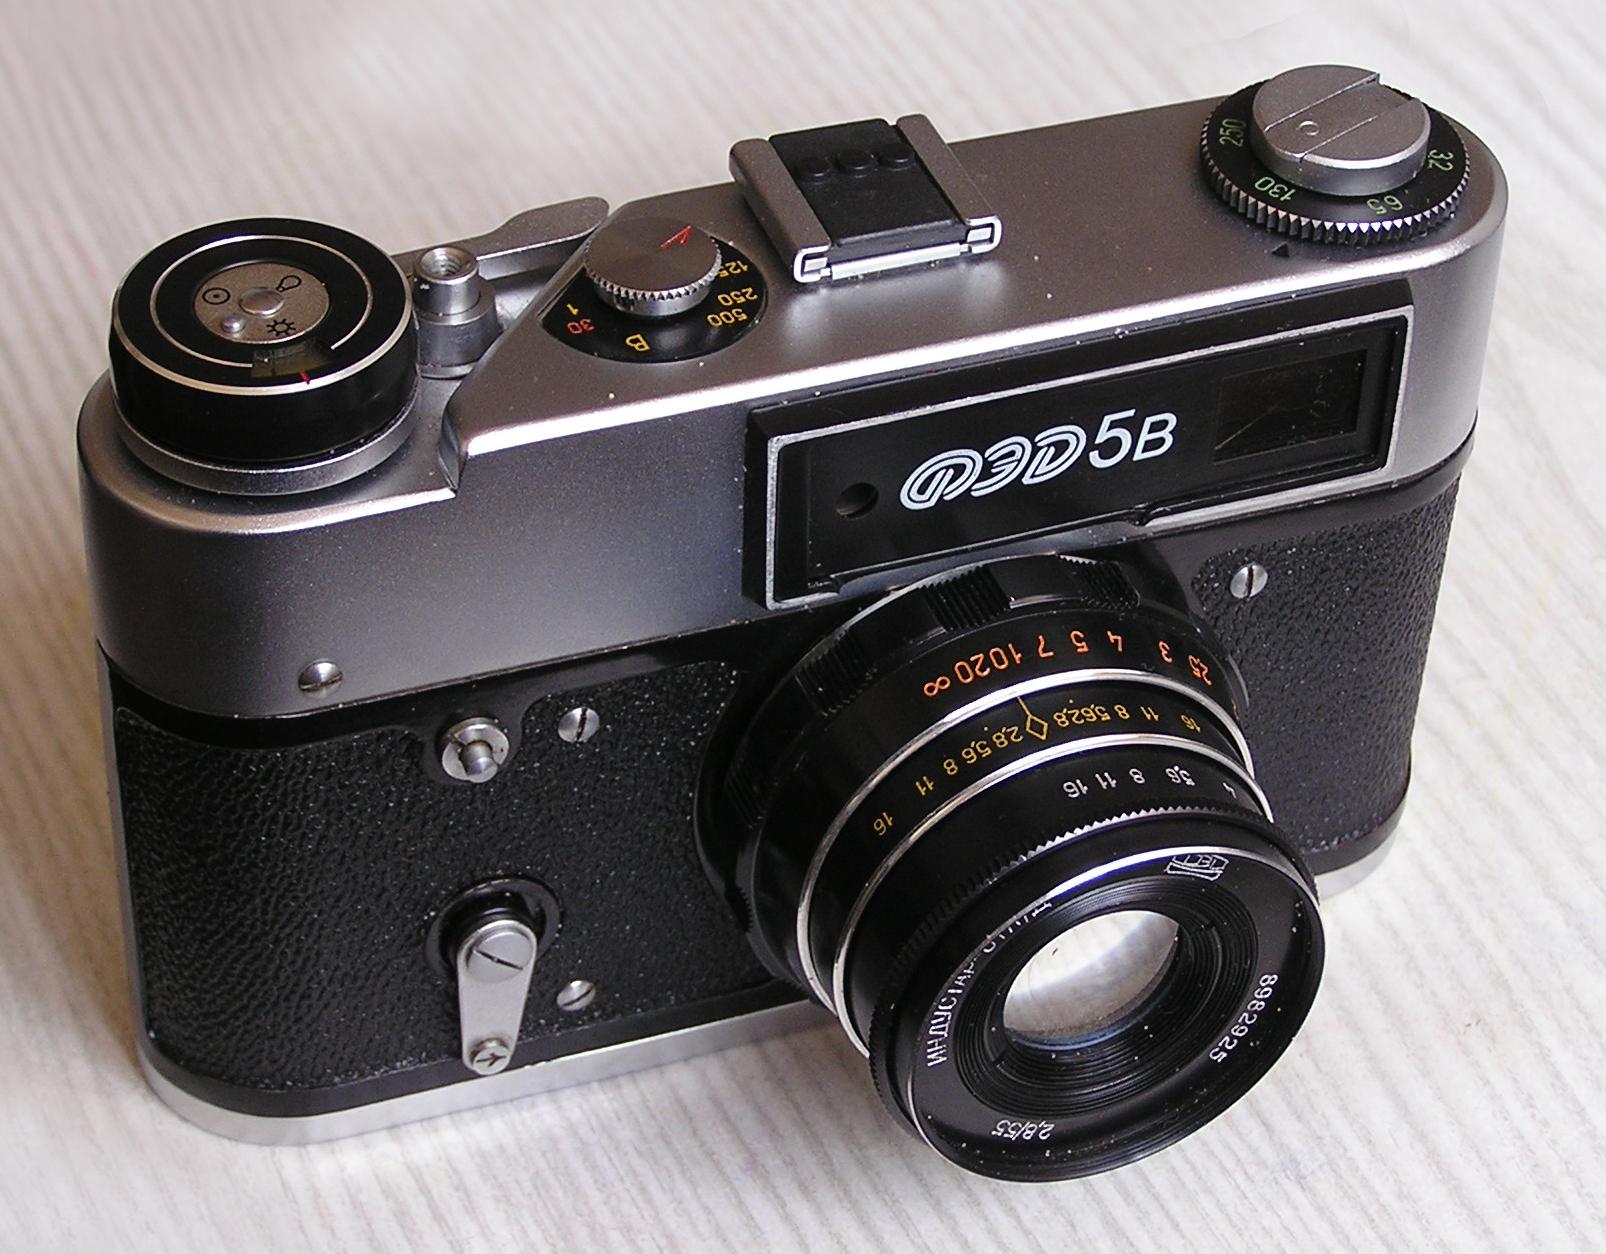 самый дорогой фотоаппарат собранный в ссср другой смертельно